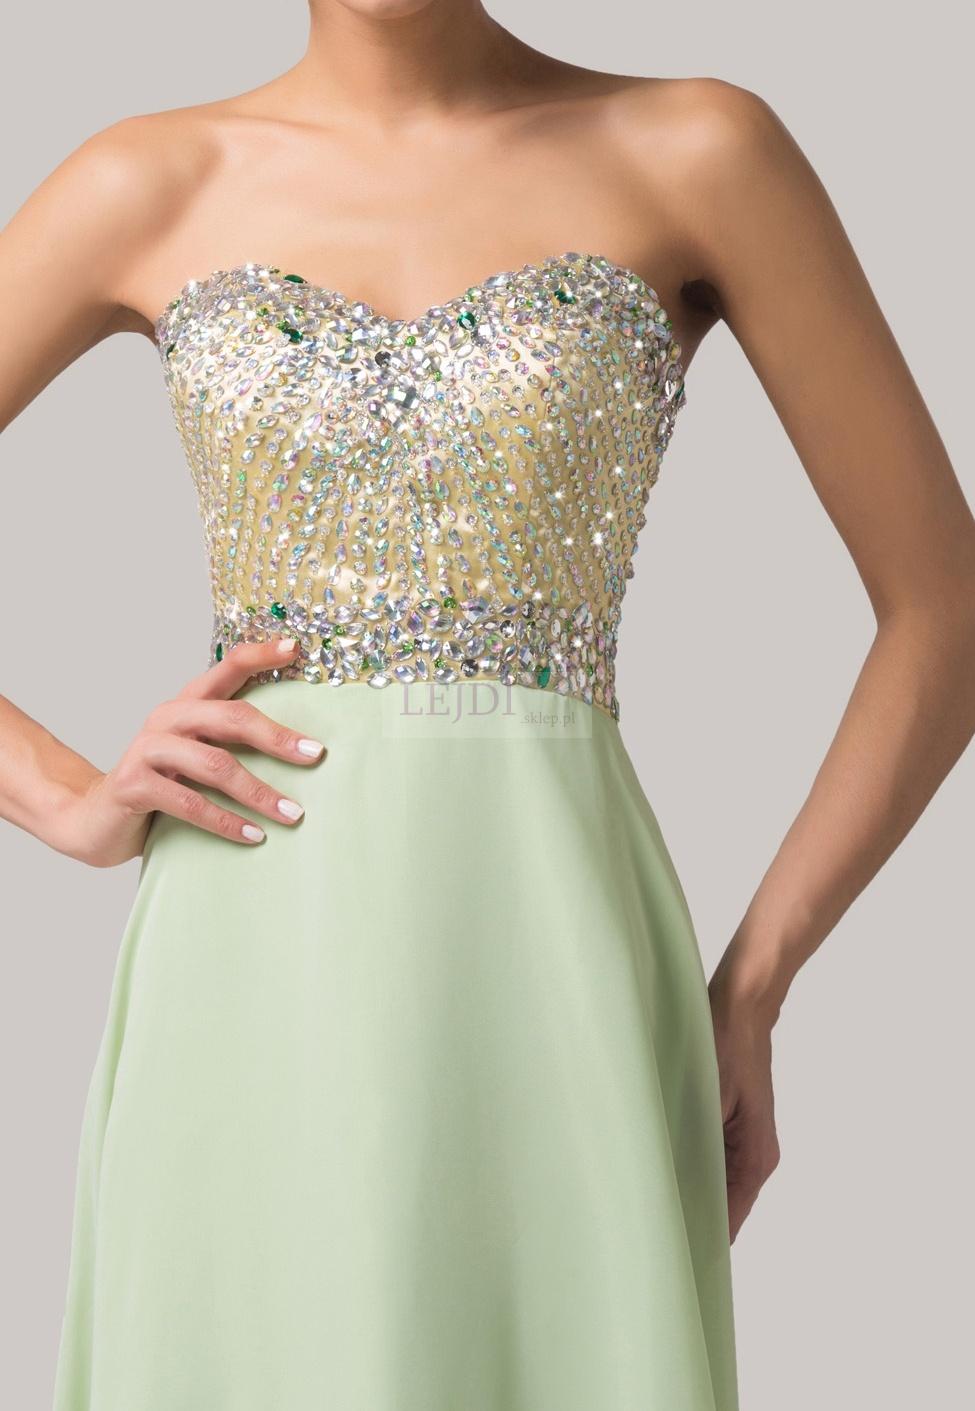 suknia-z-krysztalkami-ja_16559